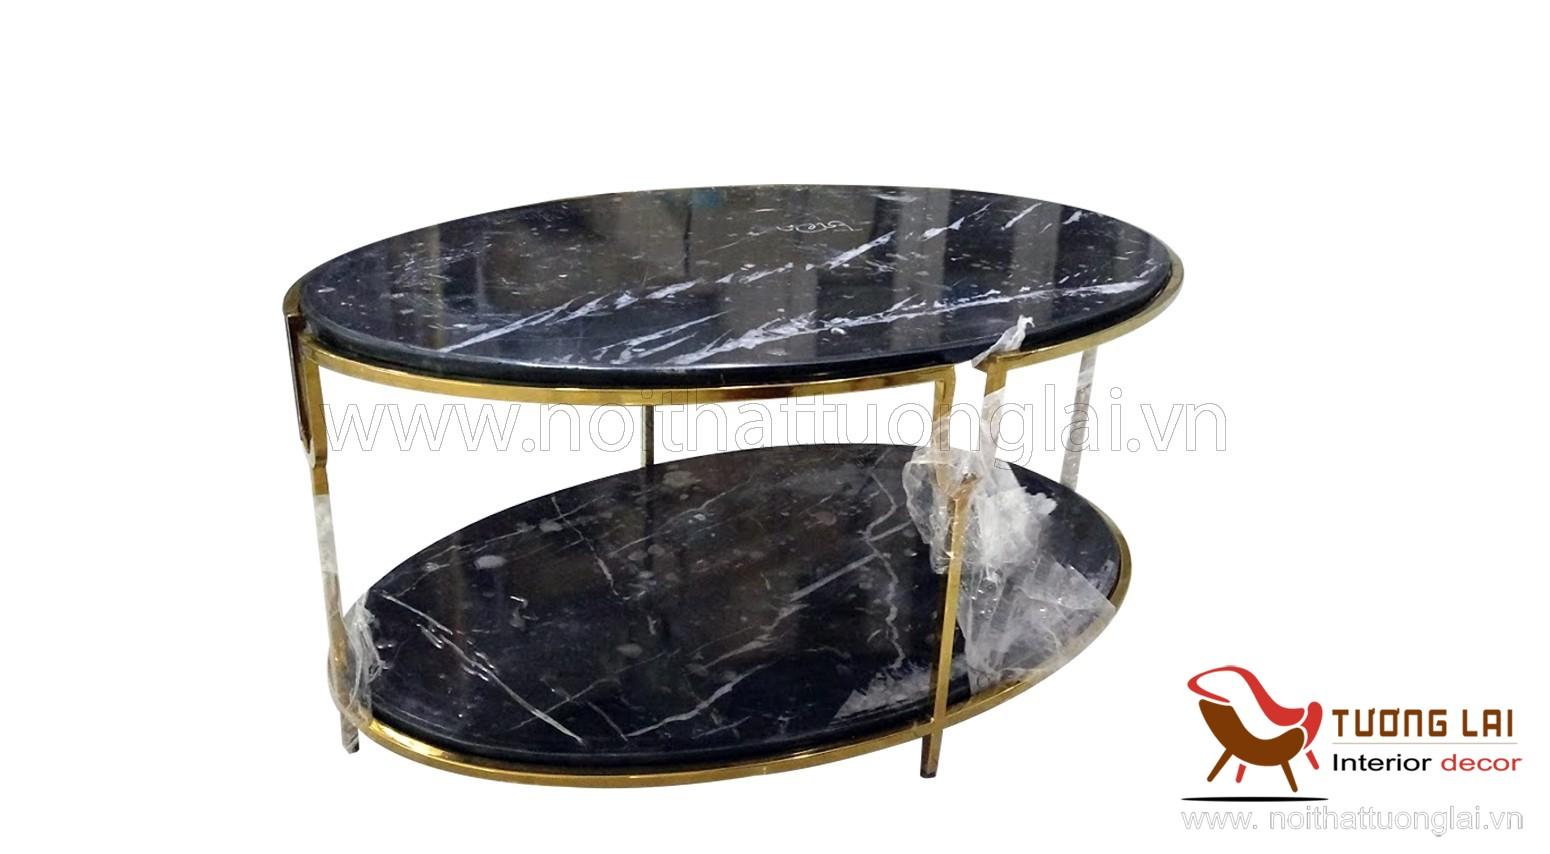 Gia công Sắt inox-bàn inox sofa hình elip si vàng